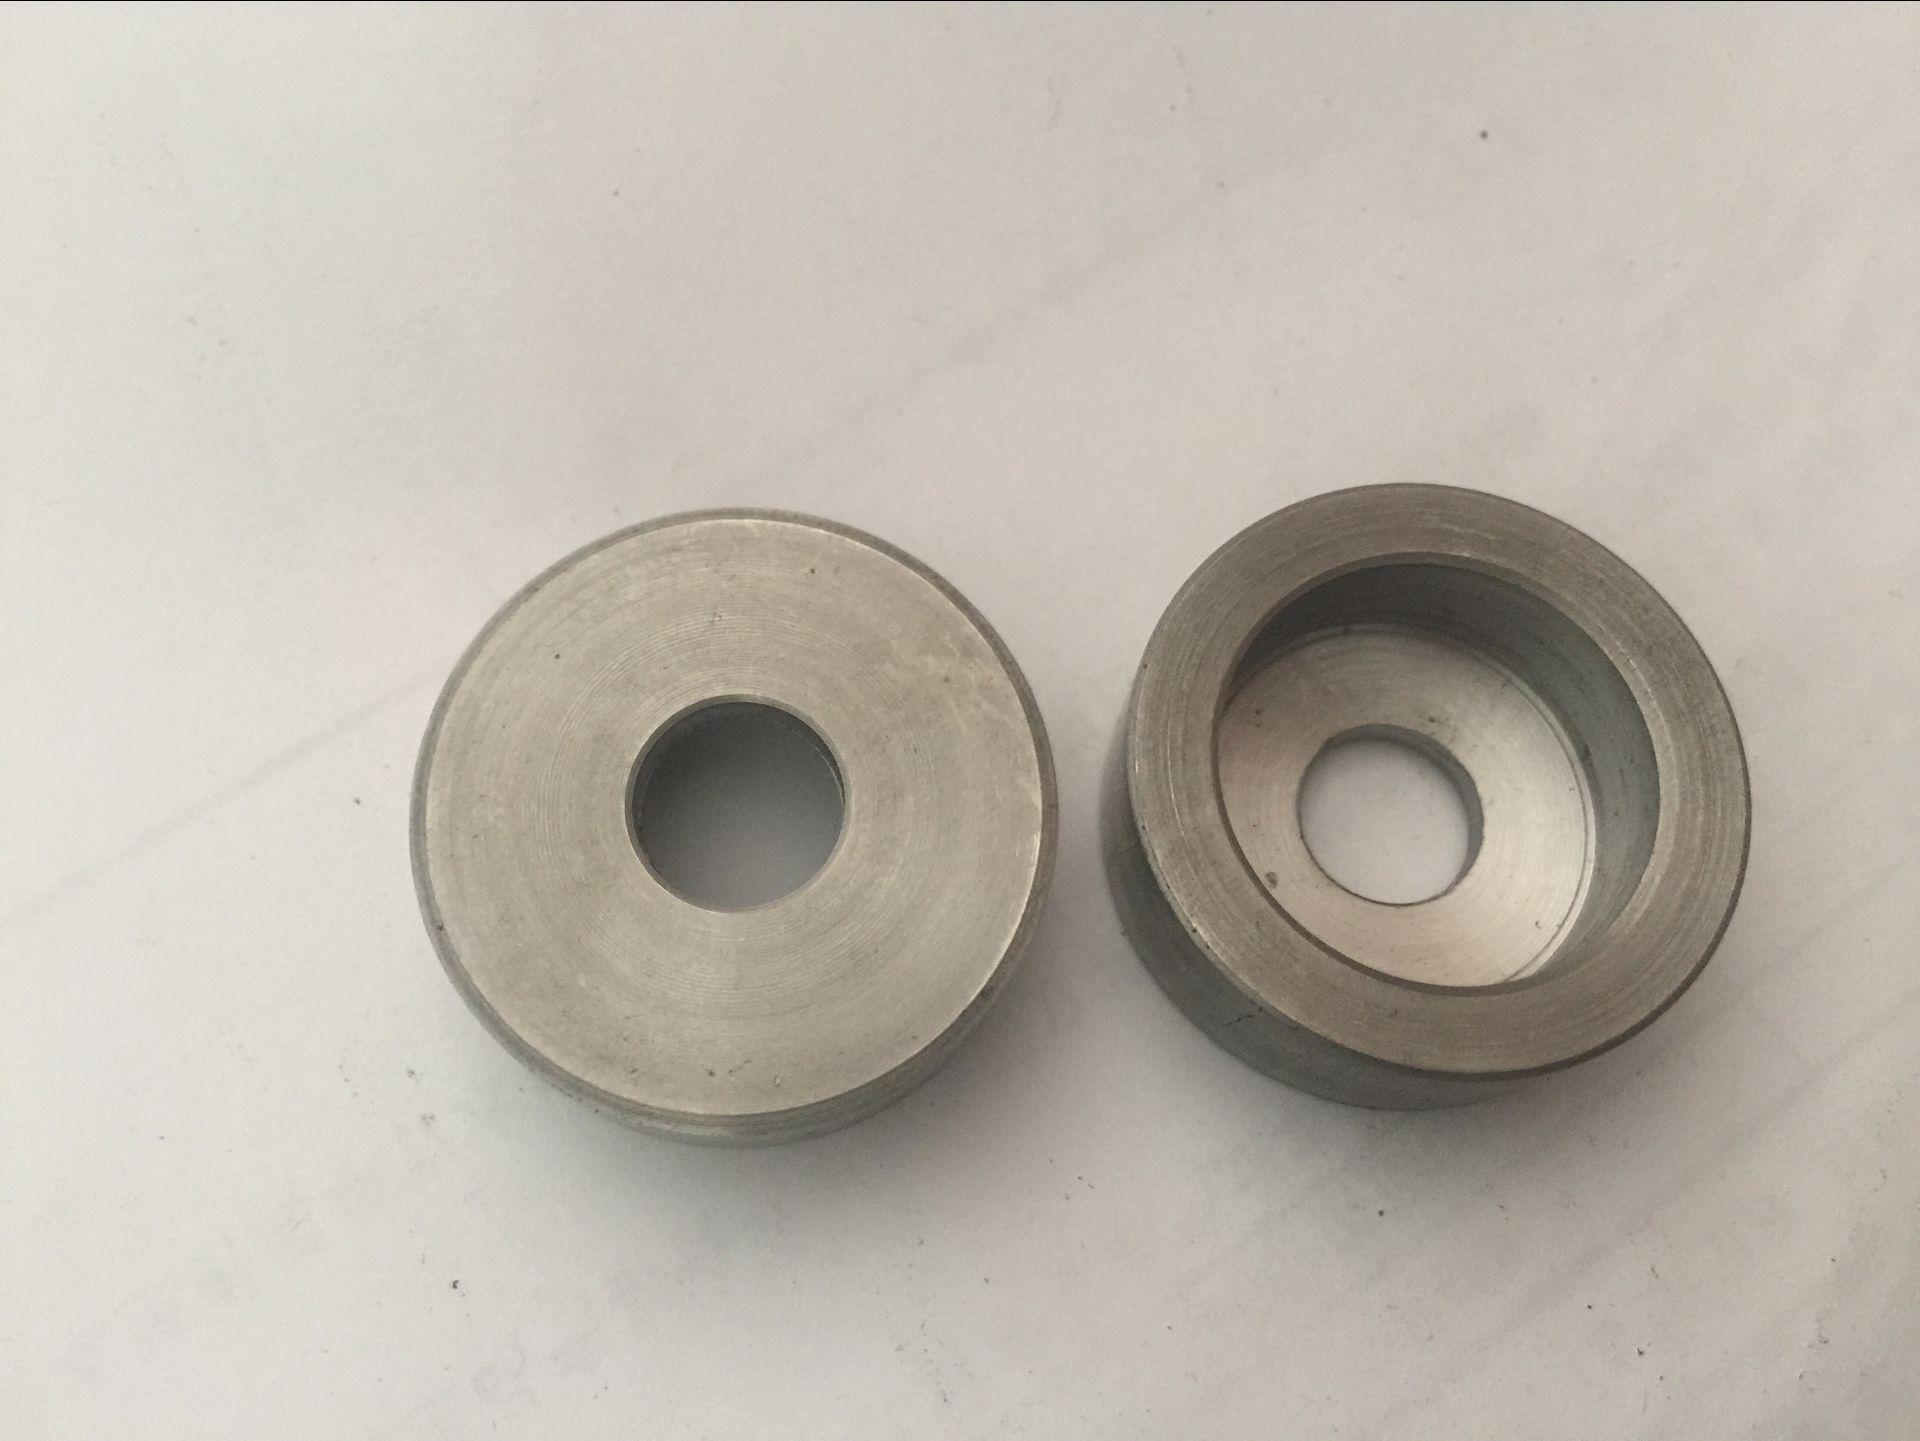 温州五金加工厂专业非标五金加工厂非标螺帽加工厂